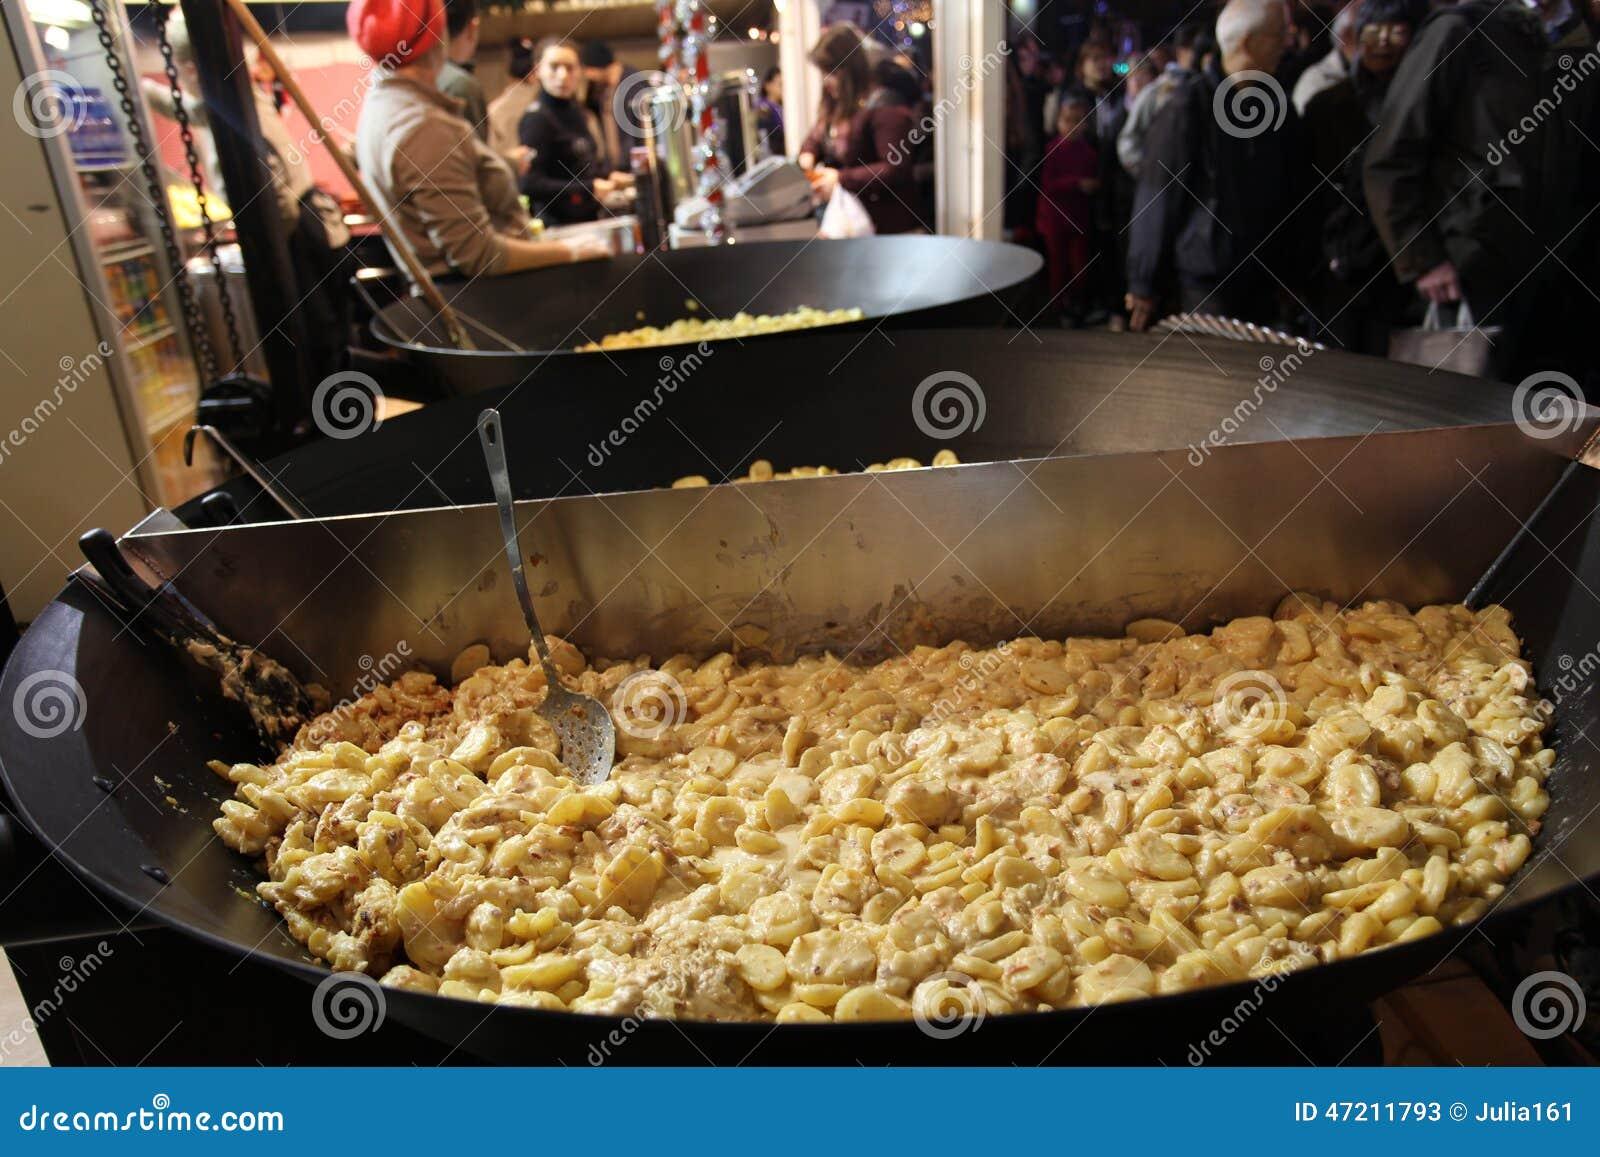 Belgian Street Food